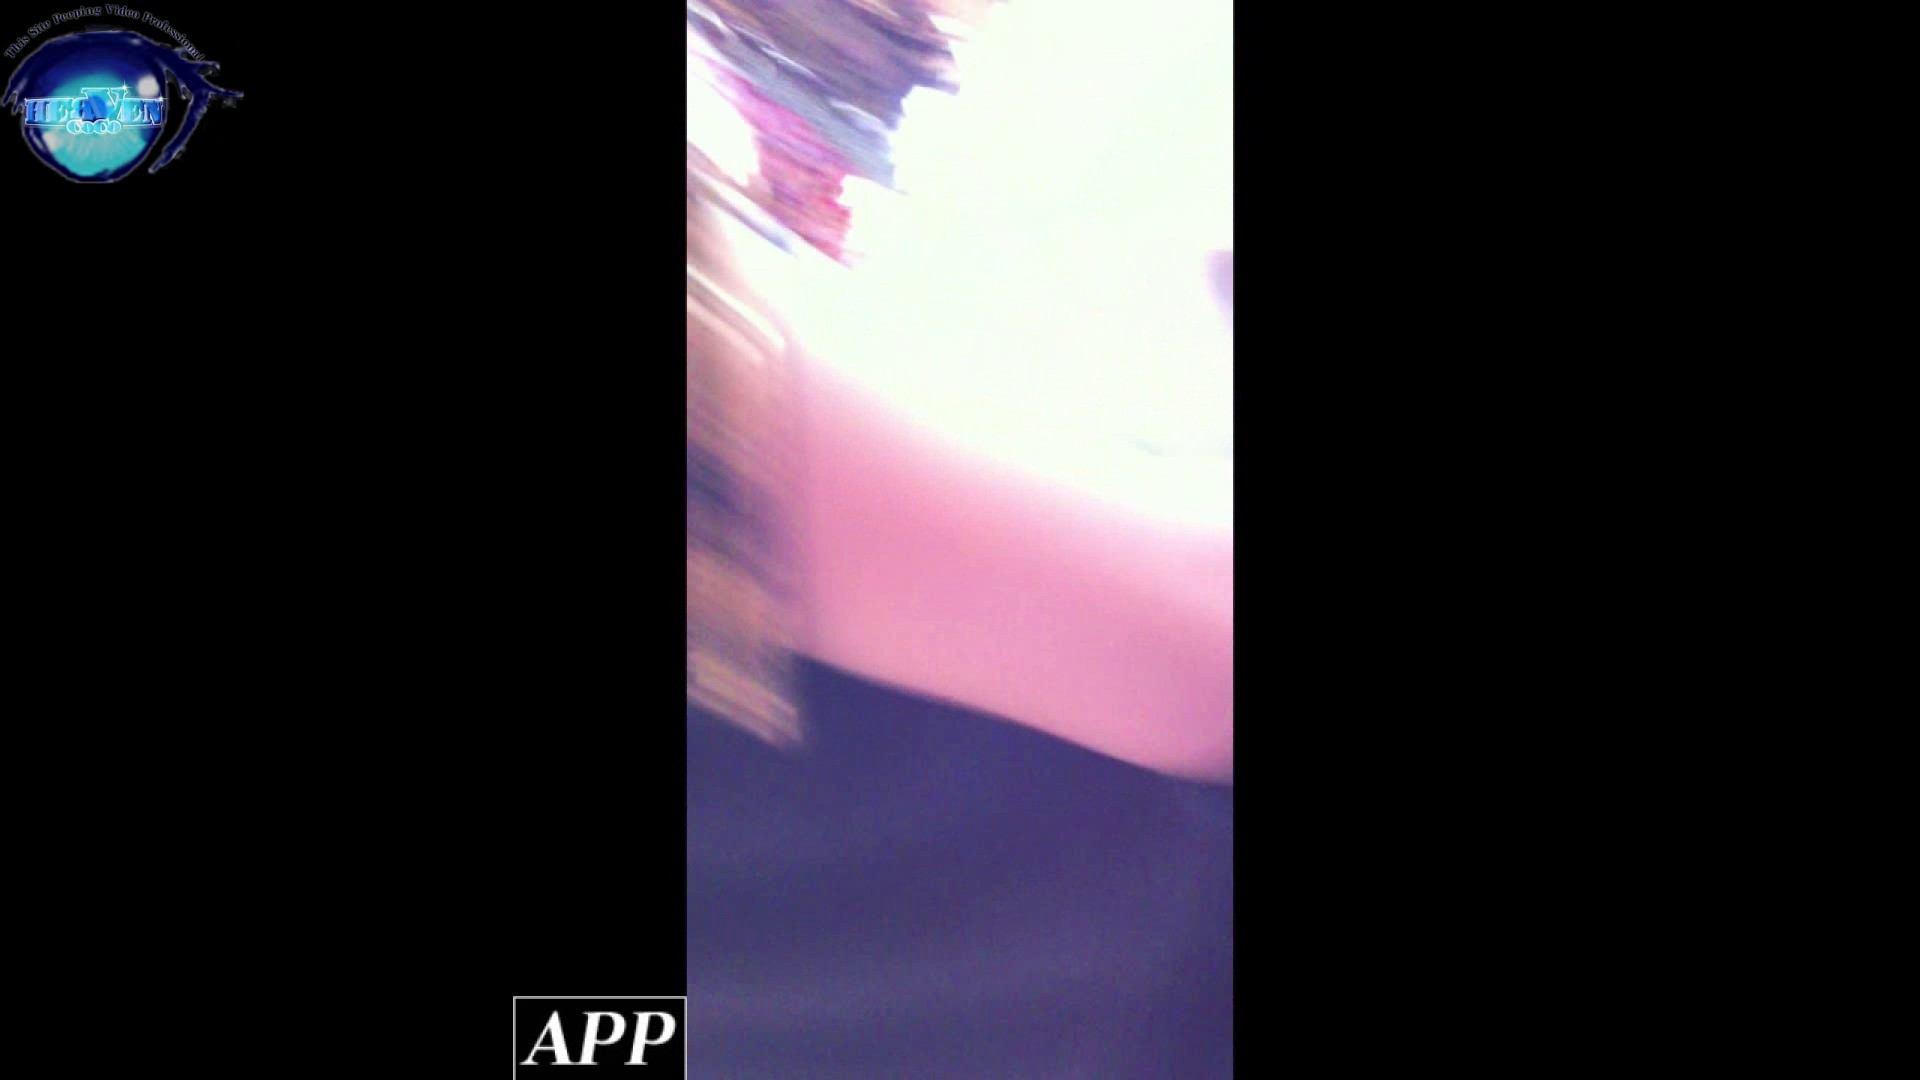 ハイビジョン盗撮!ショップ店員千人斬り!胸チラ編 vol.65 女体盗撮 のぞき濡れ場動画紹介 68連発 2